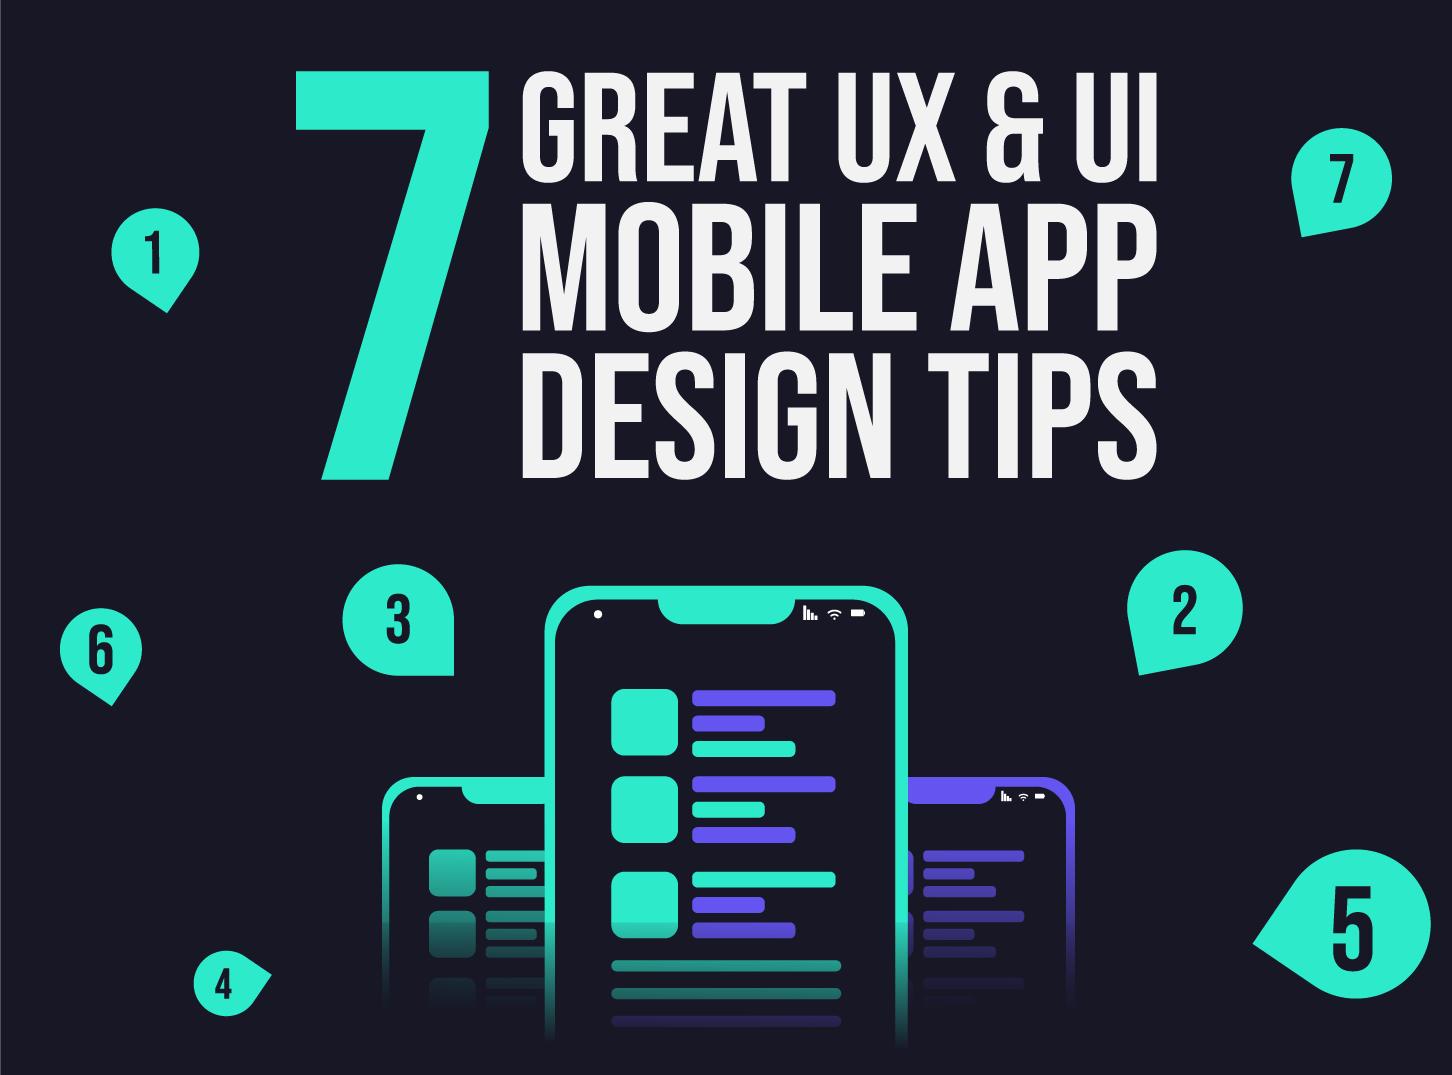 Mobile App Design Tips - 7 Great UX & UI Design Tips - Inkyy Development Team Blog